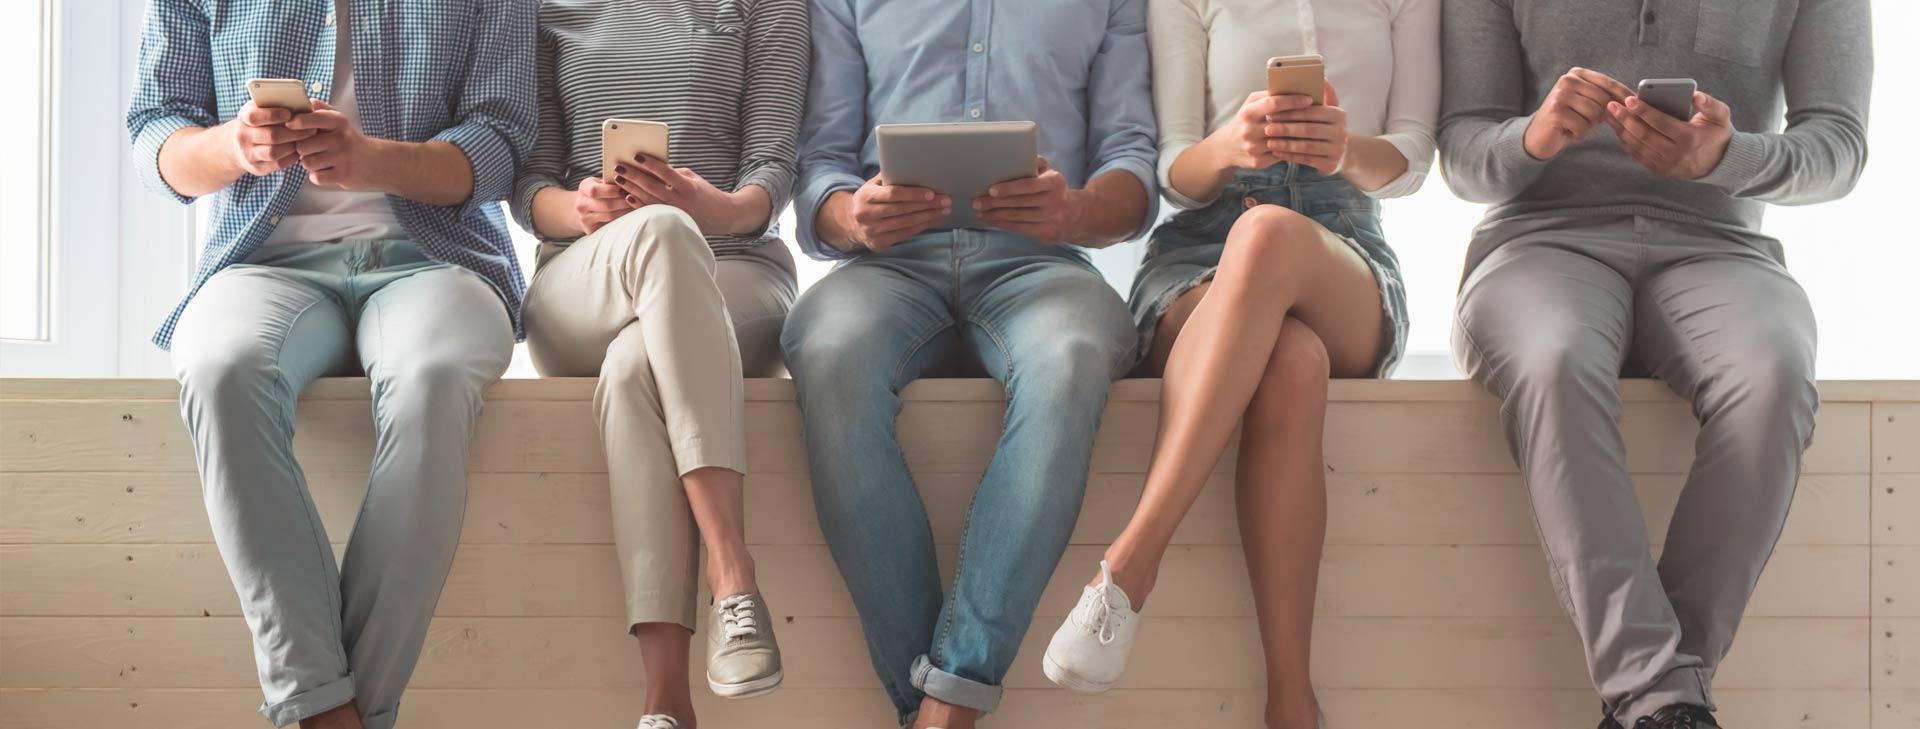 6 consejos para contratar el mejor seguro de móvil, Seguro de móvil,